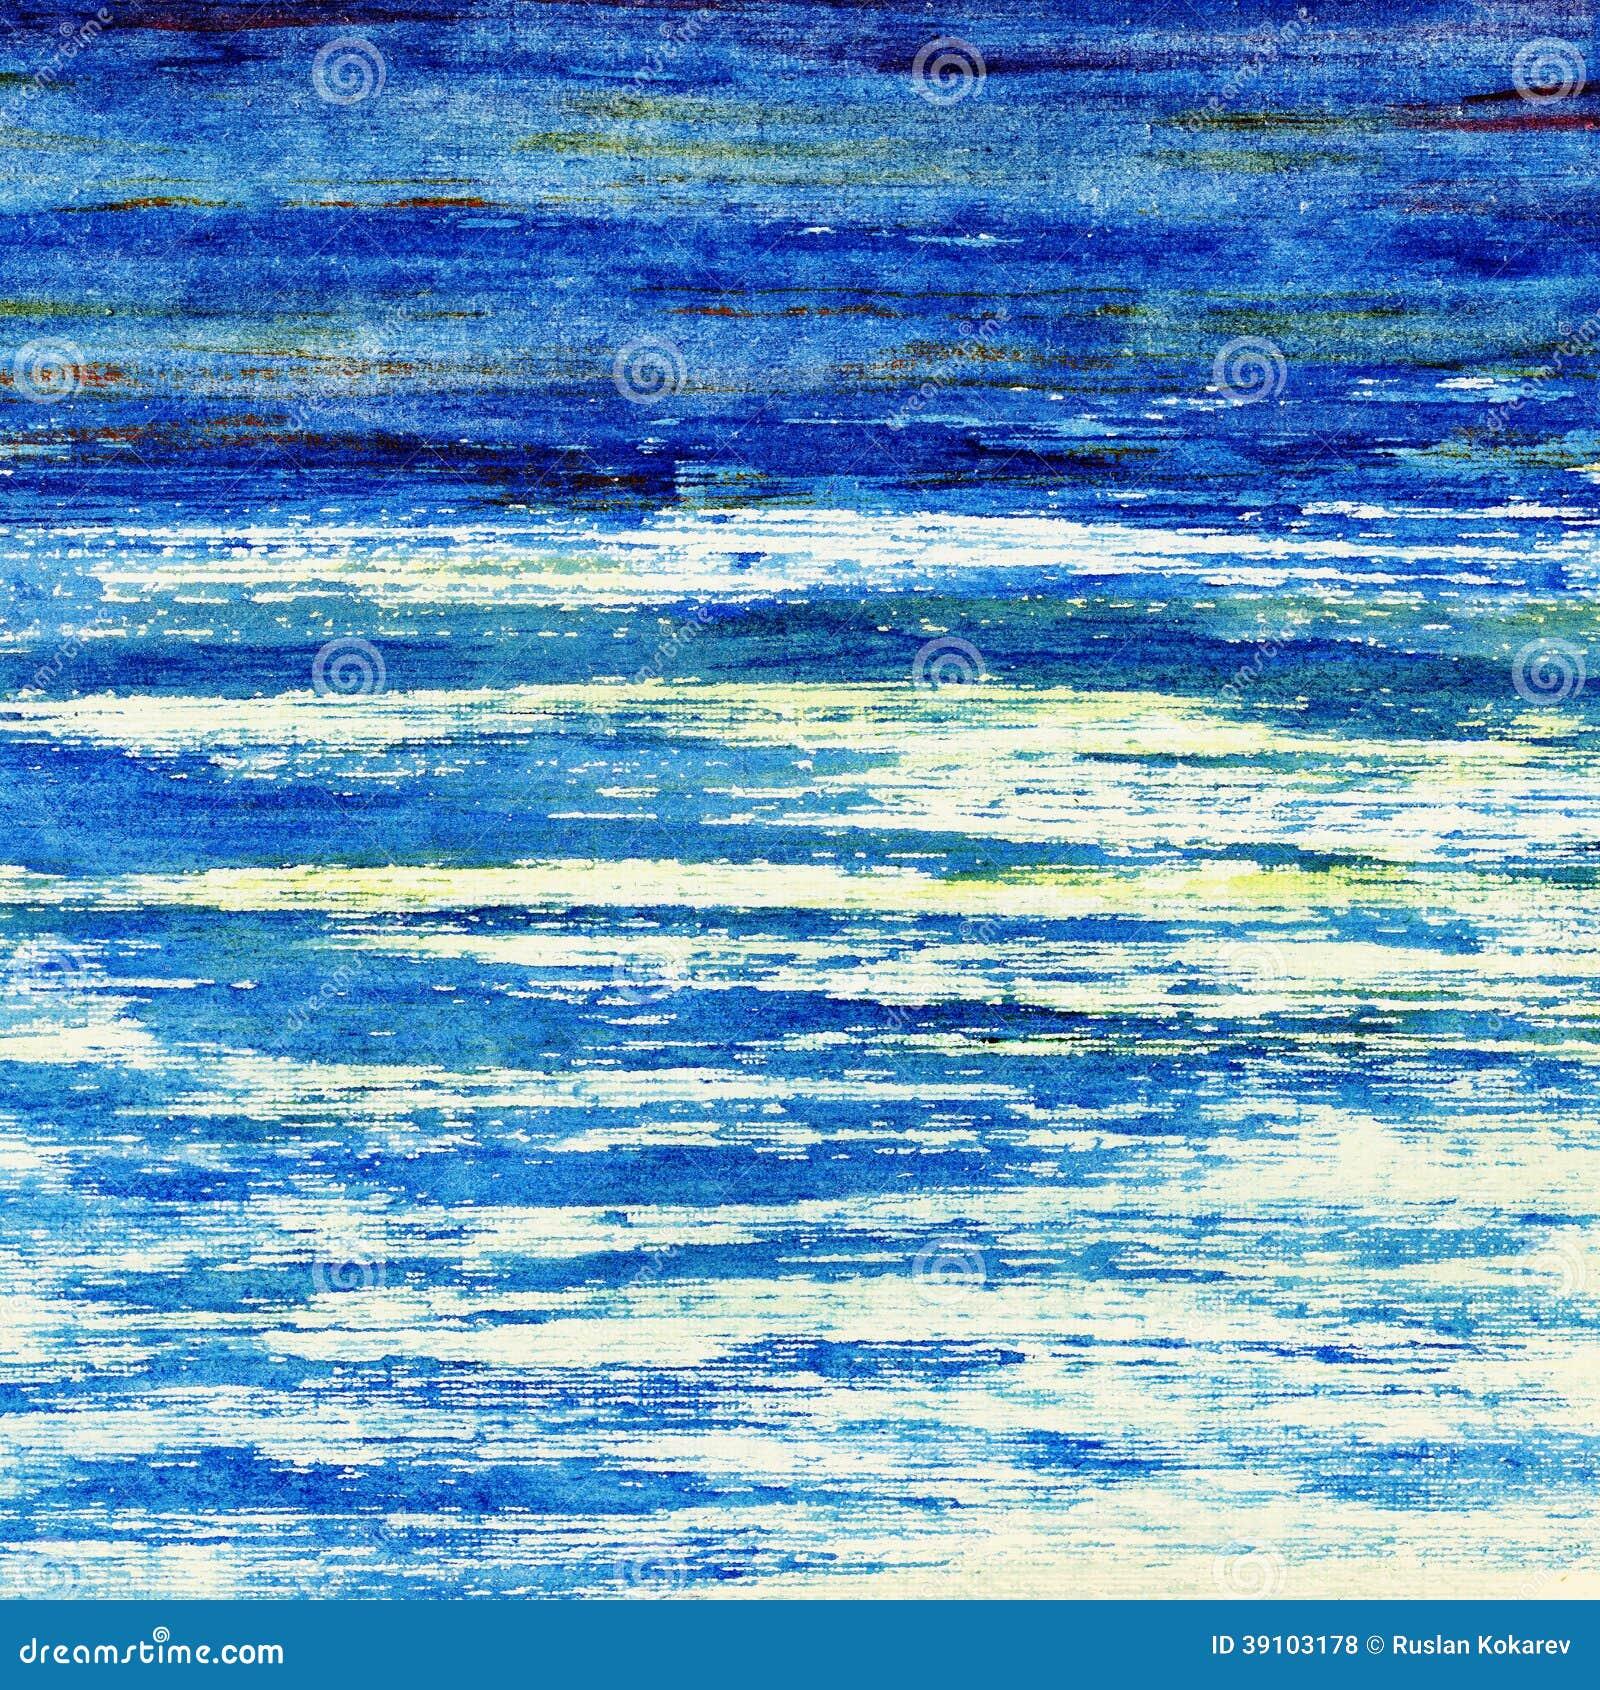 Blauwe oceaan.